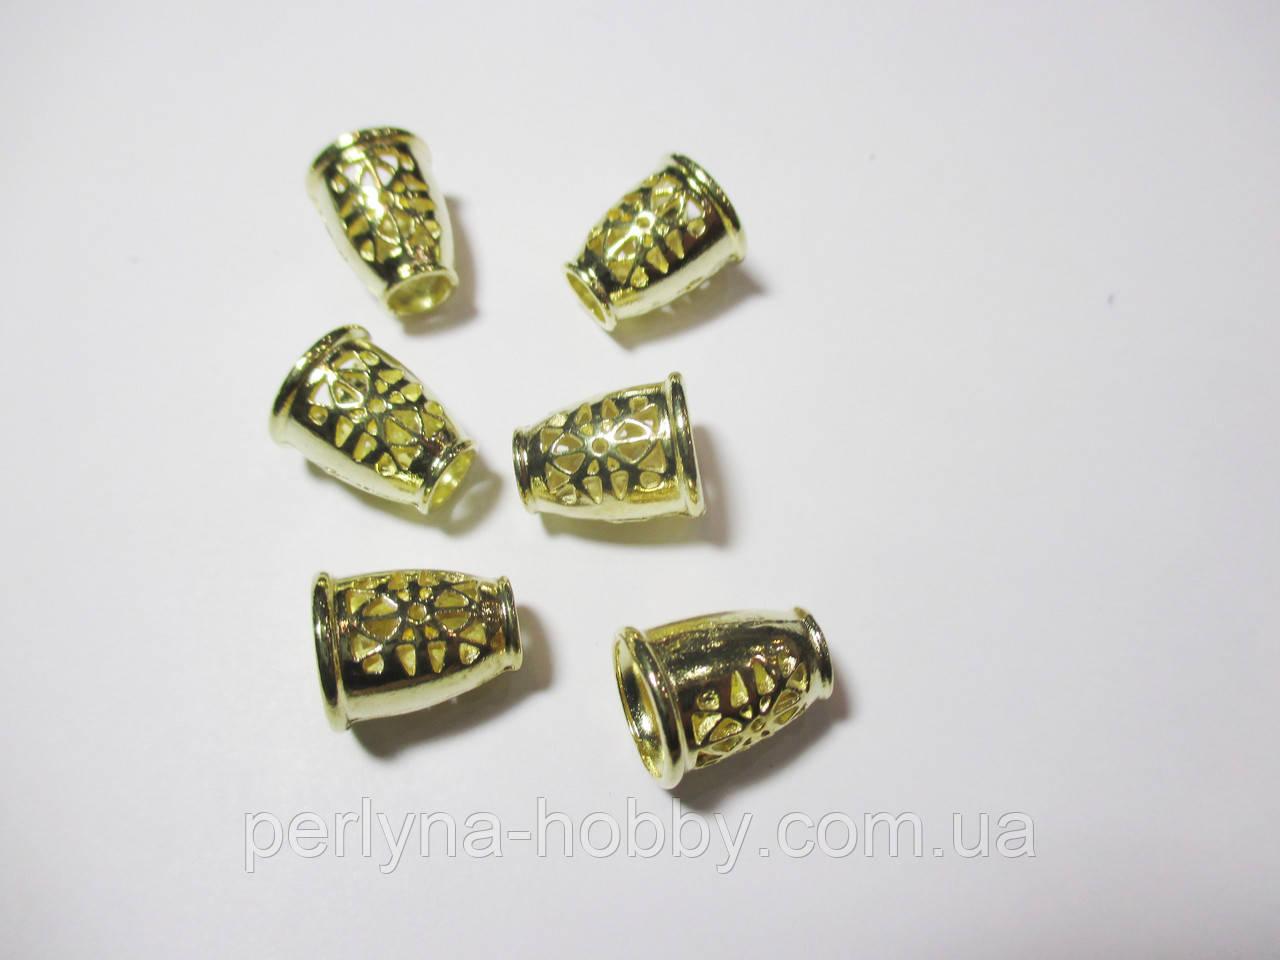 Обіймачі для шнурів 14мм, метал колір золото 2 шт